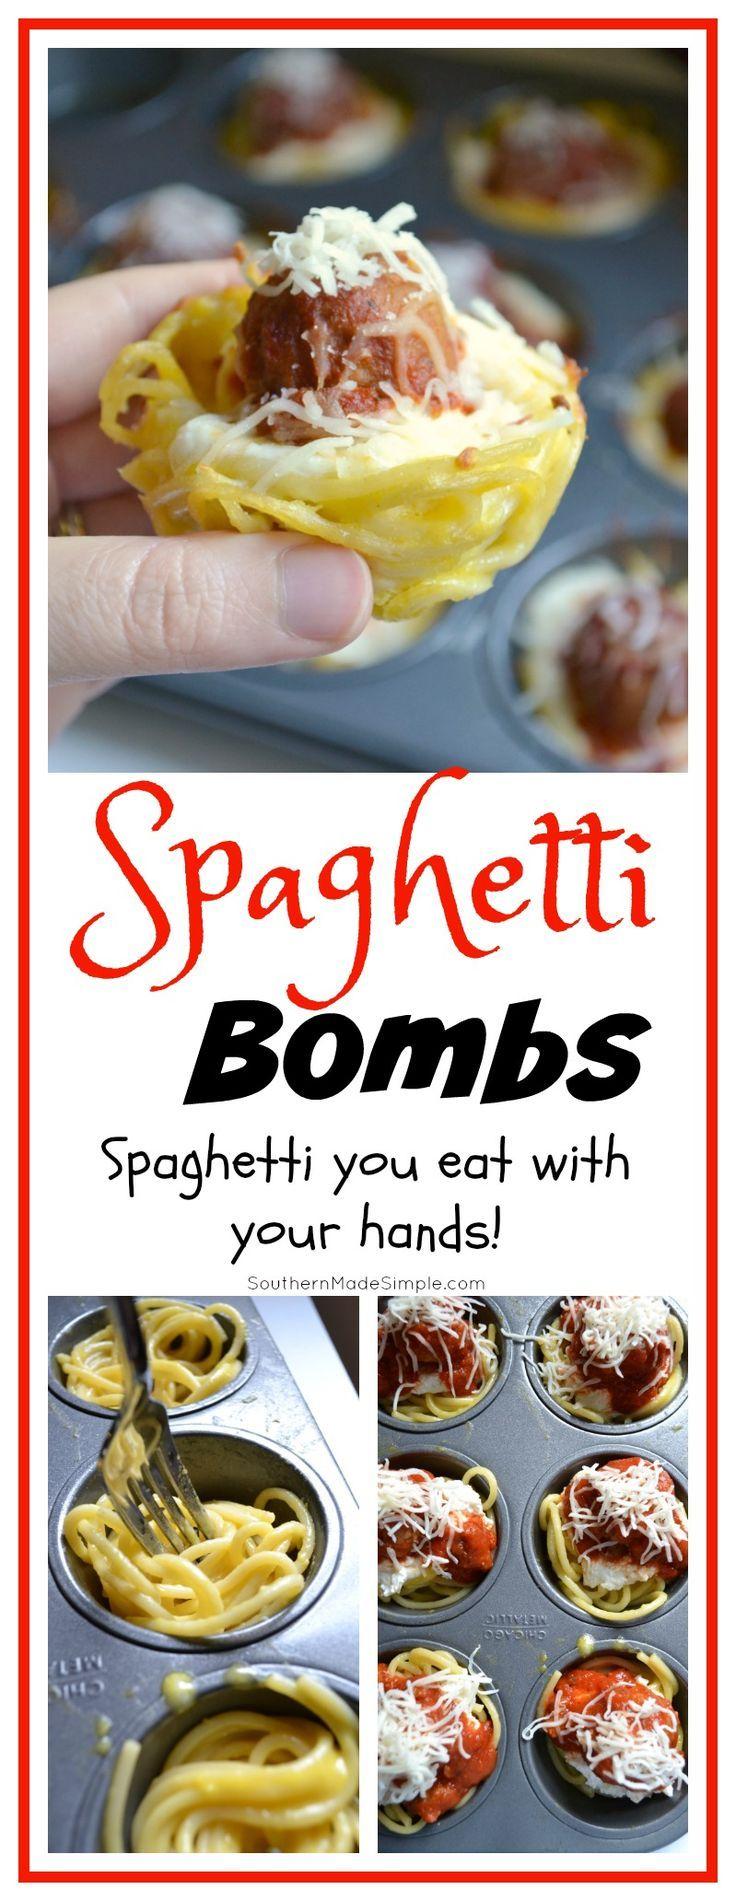 les 27 meilleures images du tableau souper spaghetti sur